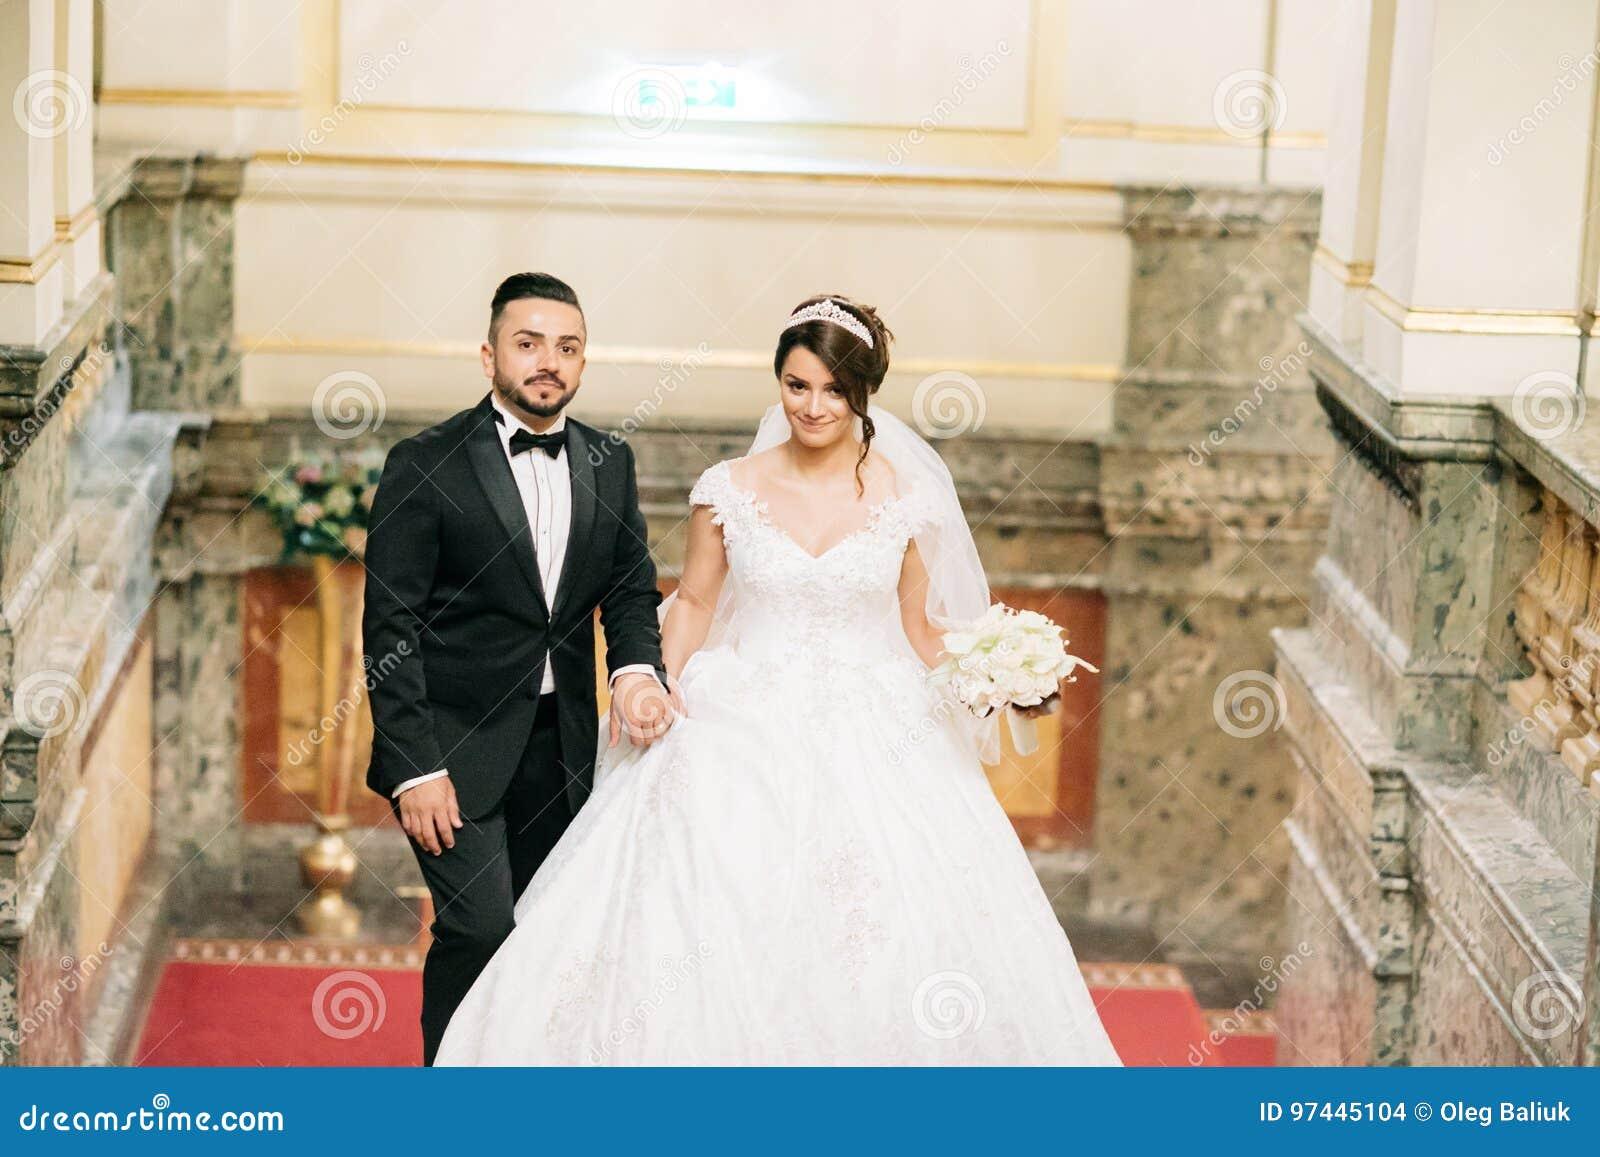 Turkische Hochzeit Stockfoto Bild Von Hochzeit Turkische 97445104